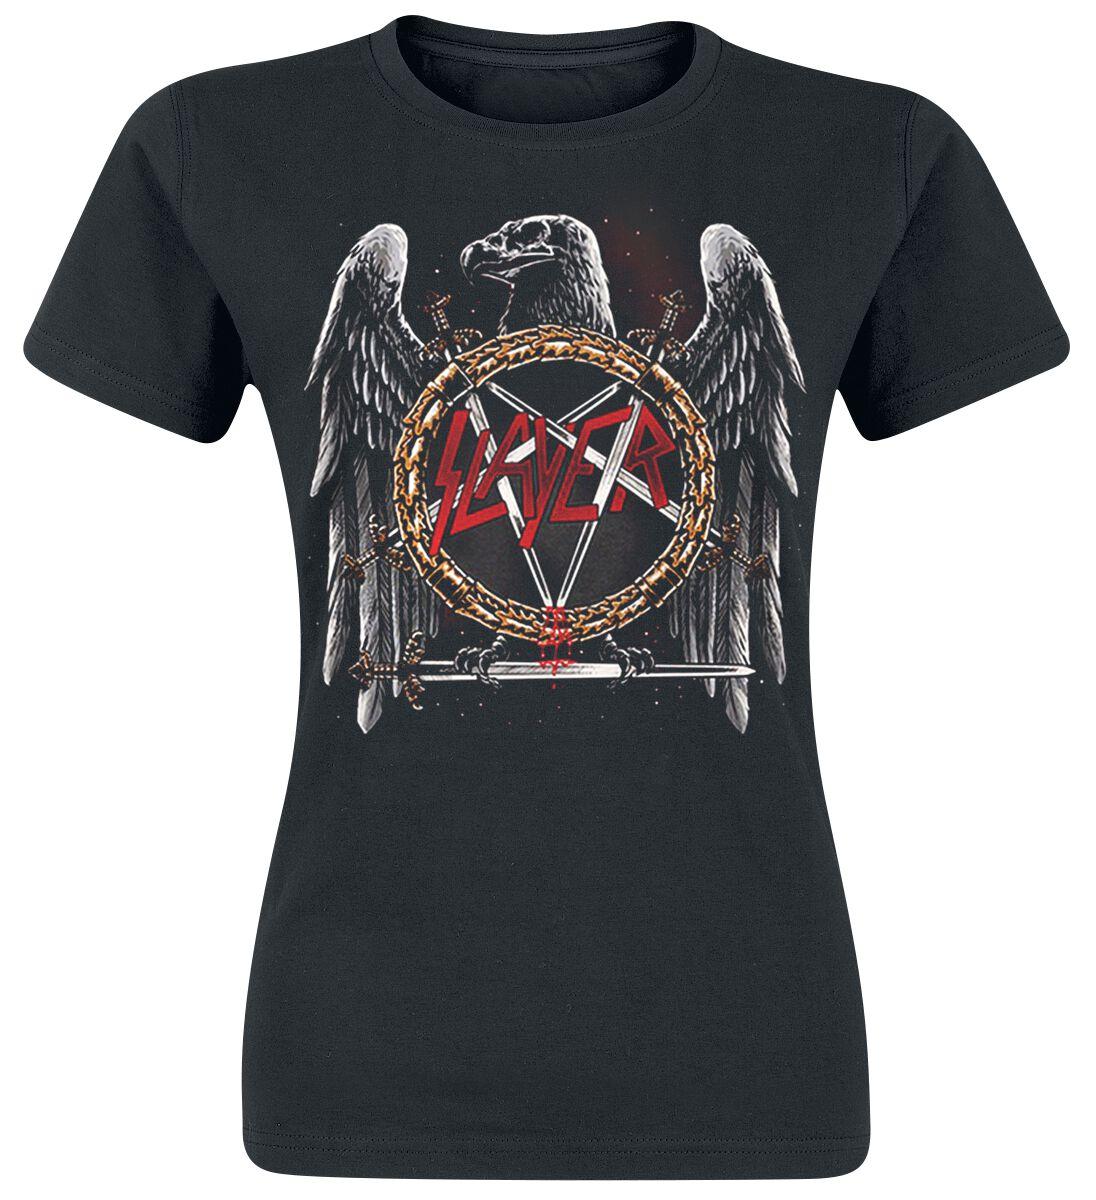 Image of   Slayer Eagle Skull Girlie trøje sort